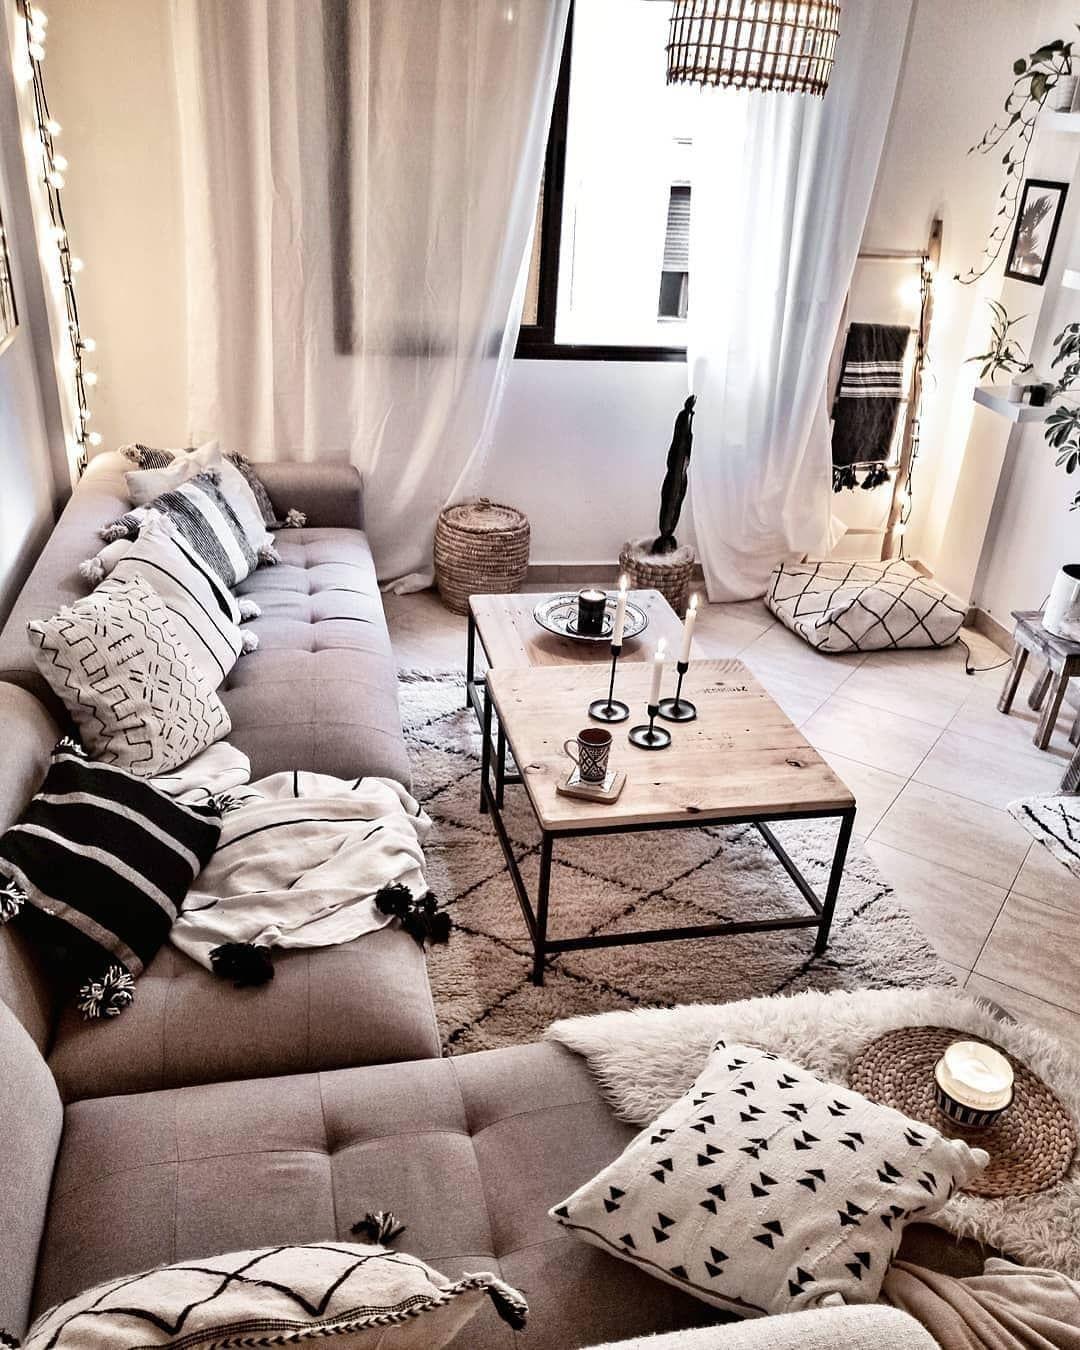 Idee Deco Salon Campagne Épinglé par audrey besson sur ambiance salon * living-room